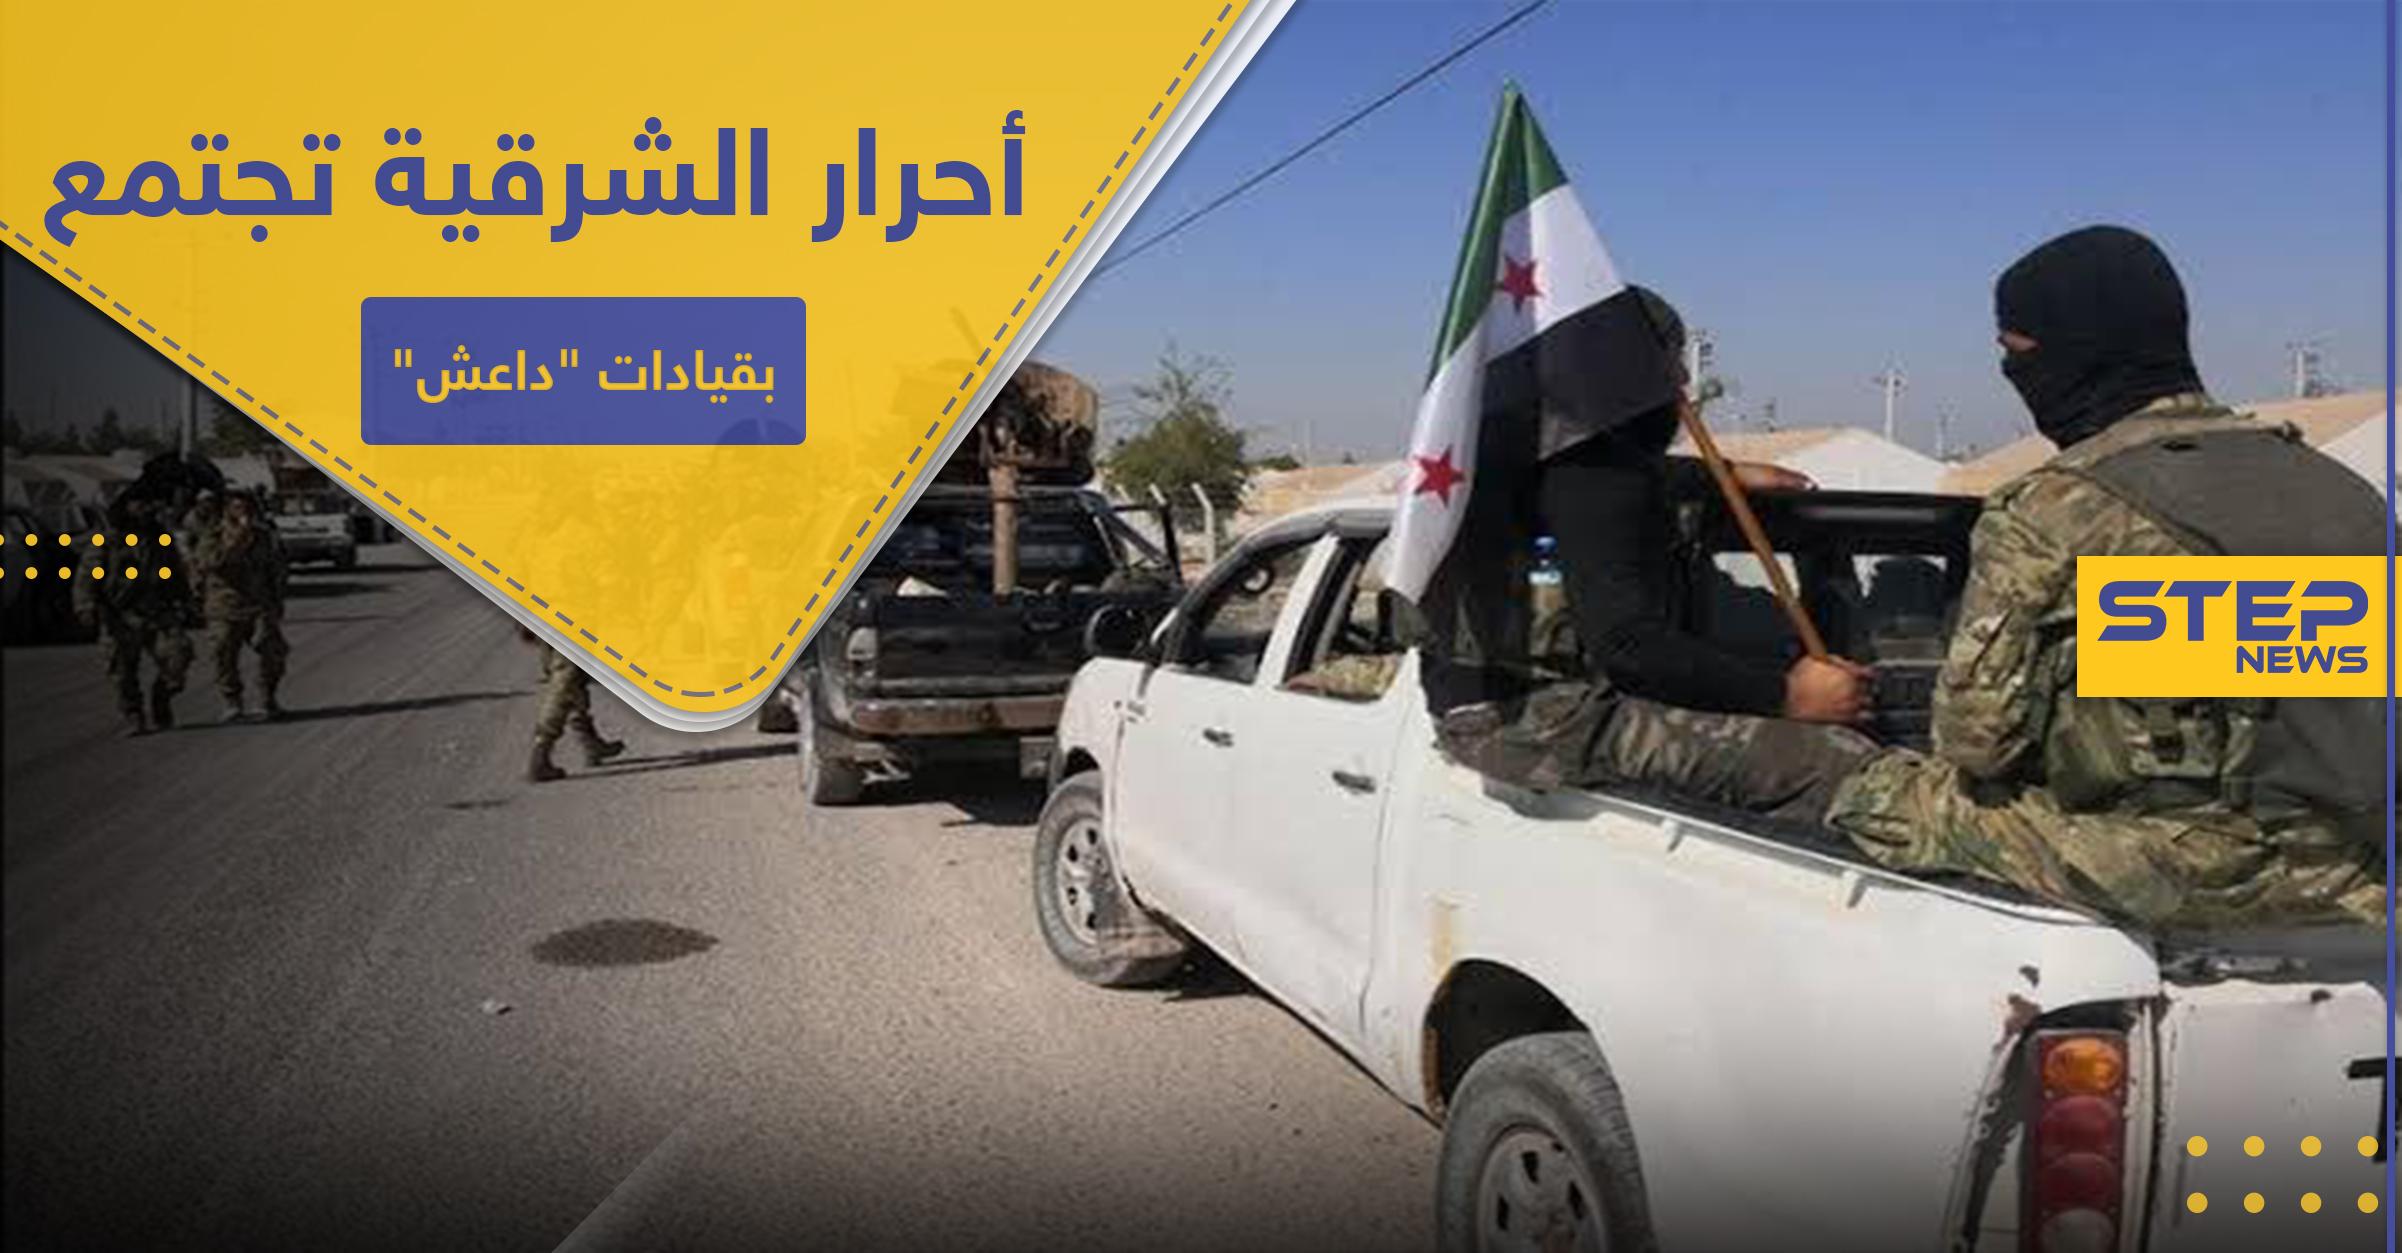 خاص|| قيادات أحرار الشرقية تجتمع مع قادة سابقين بـ داعش شمالي الرقة.. ما الهدف